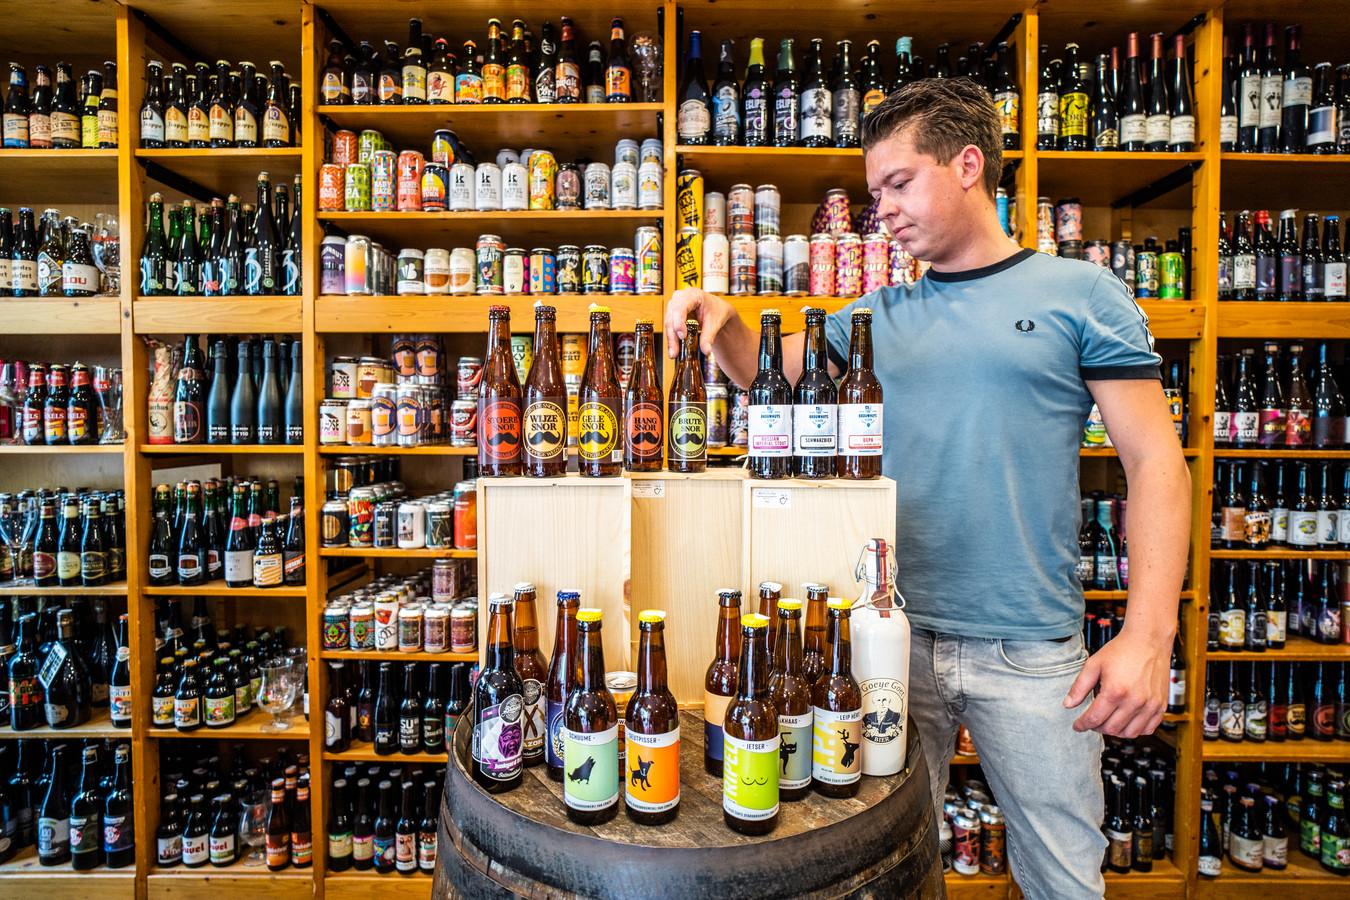 Lesley Loenen van slijterij Barrique in de Pauwstraat in Arnhem toont wat de lokale brouwerijen Arnhem en Velp te bieden hebben.